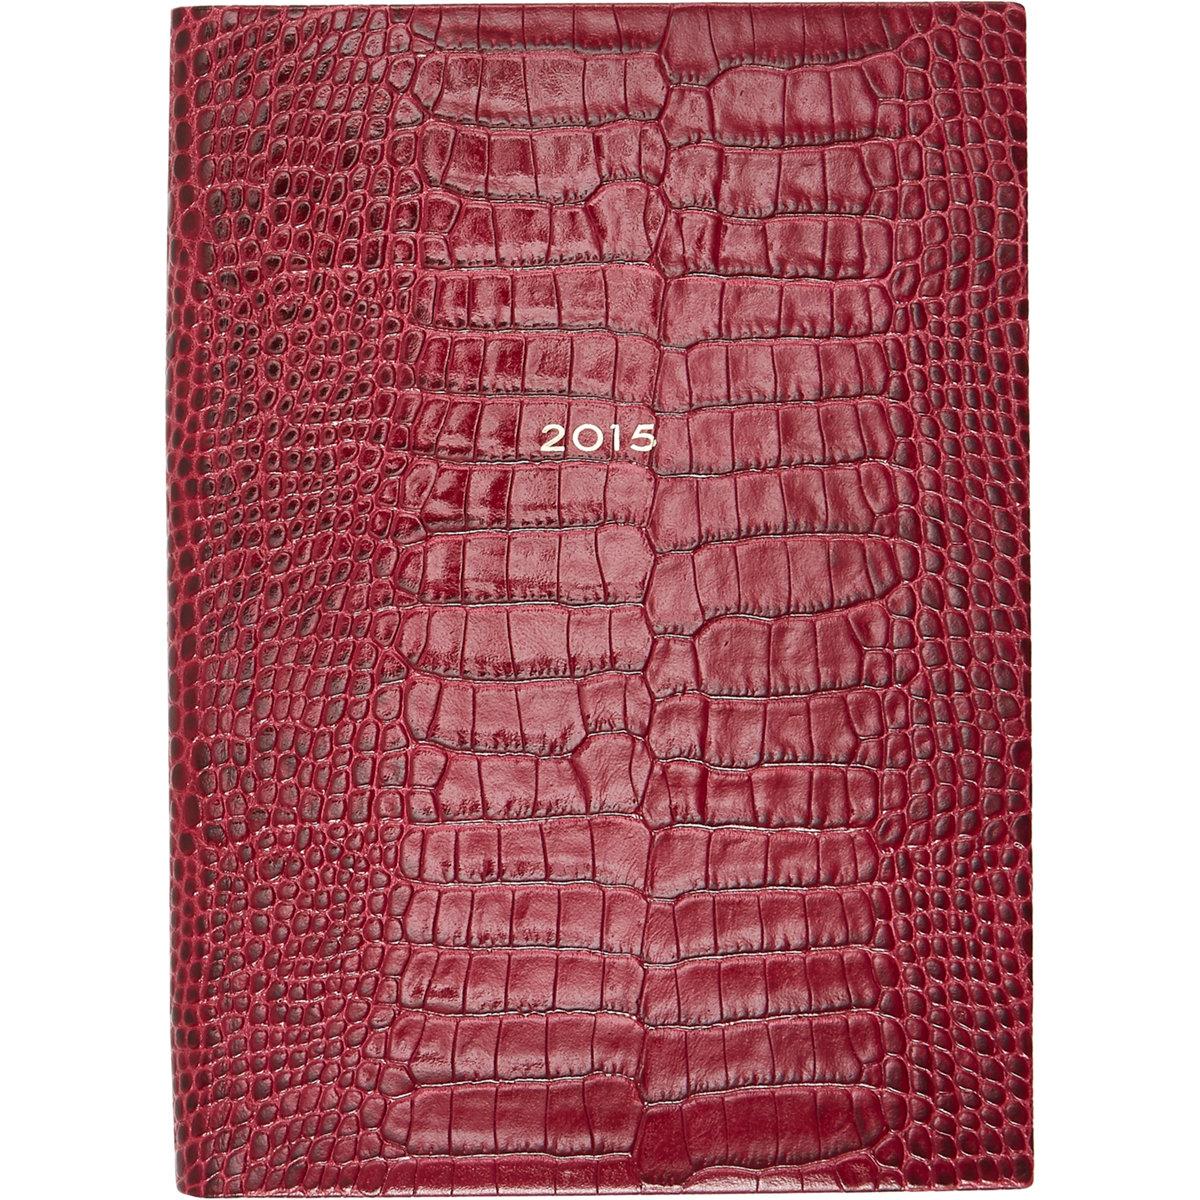 Smythson Soho Croc 2015 Diary $305